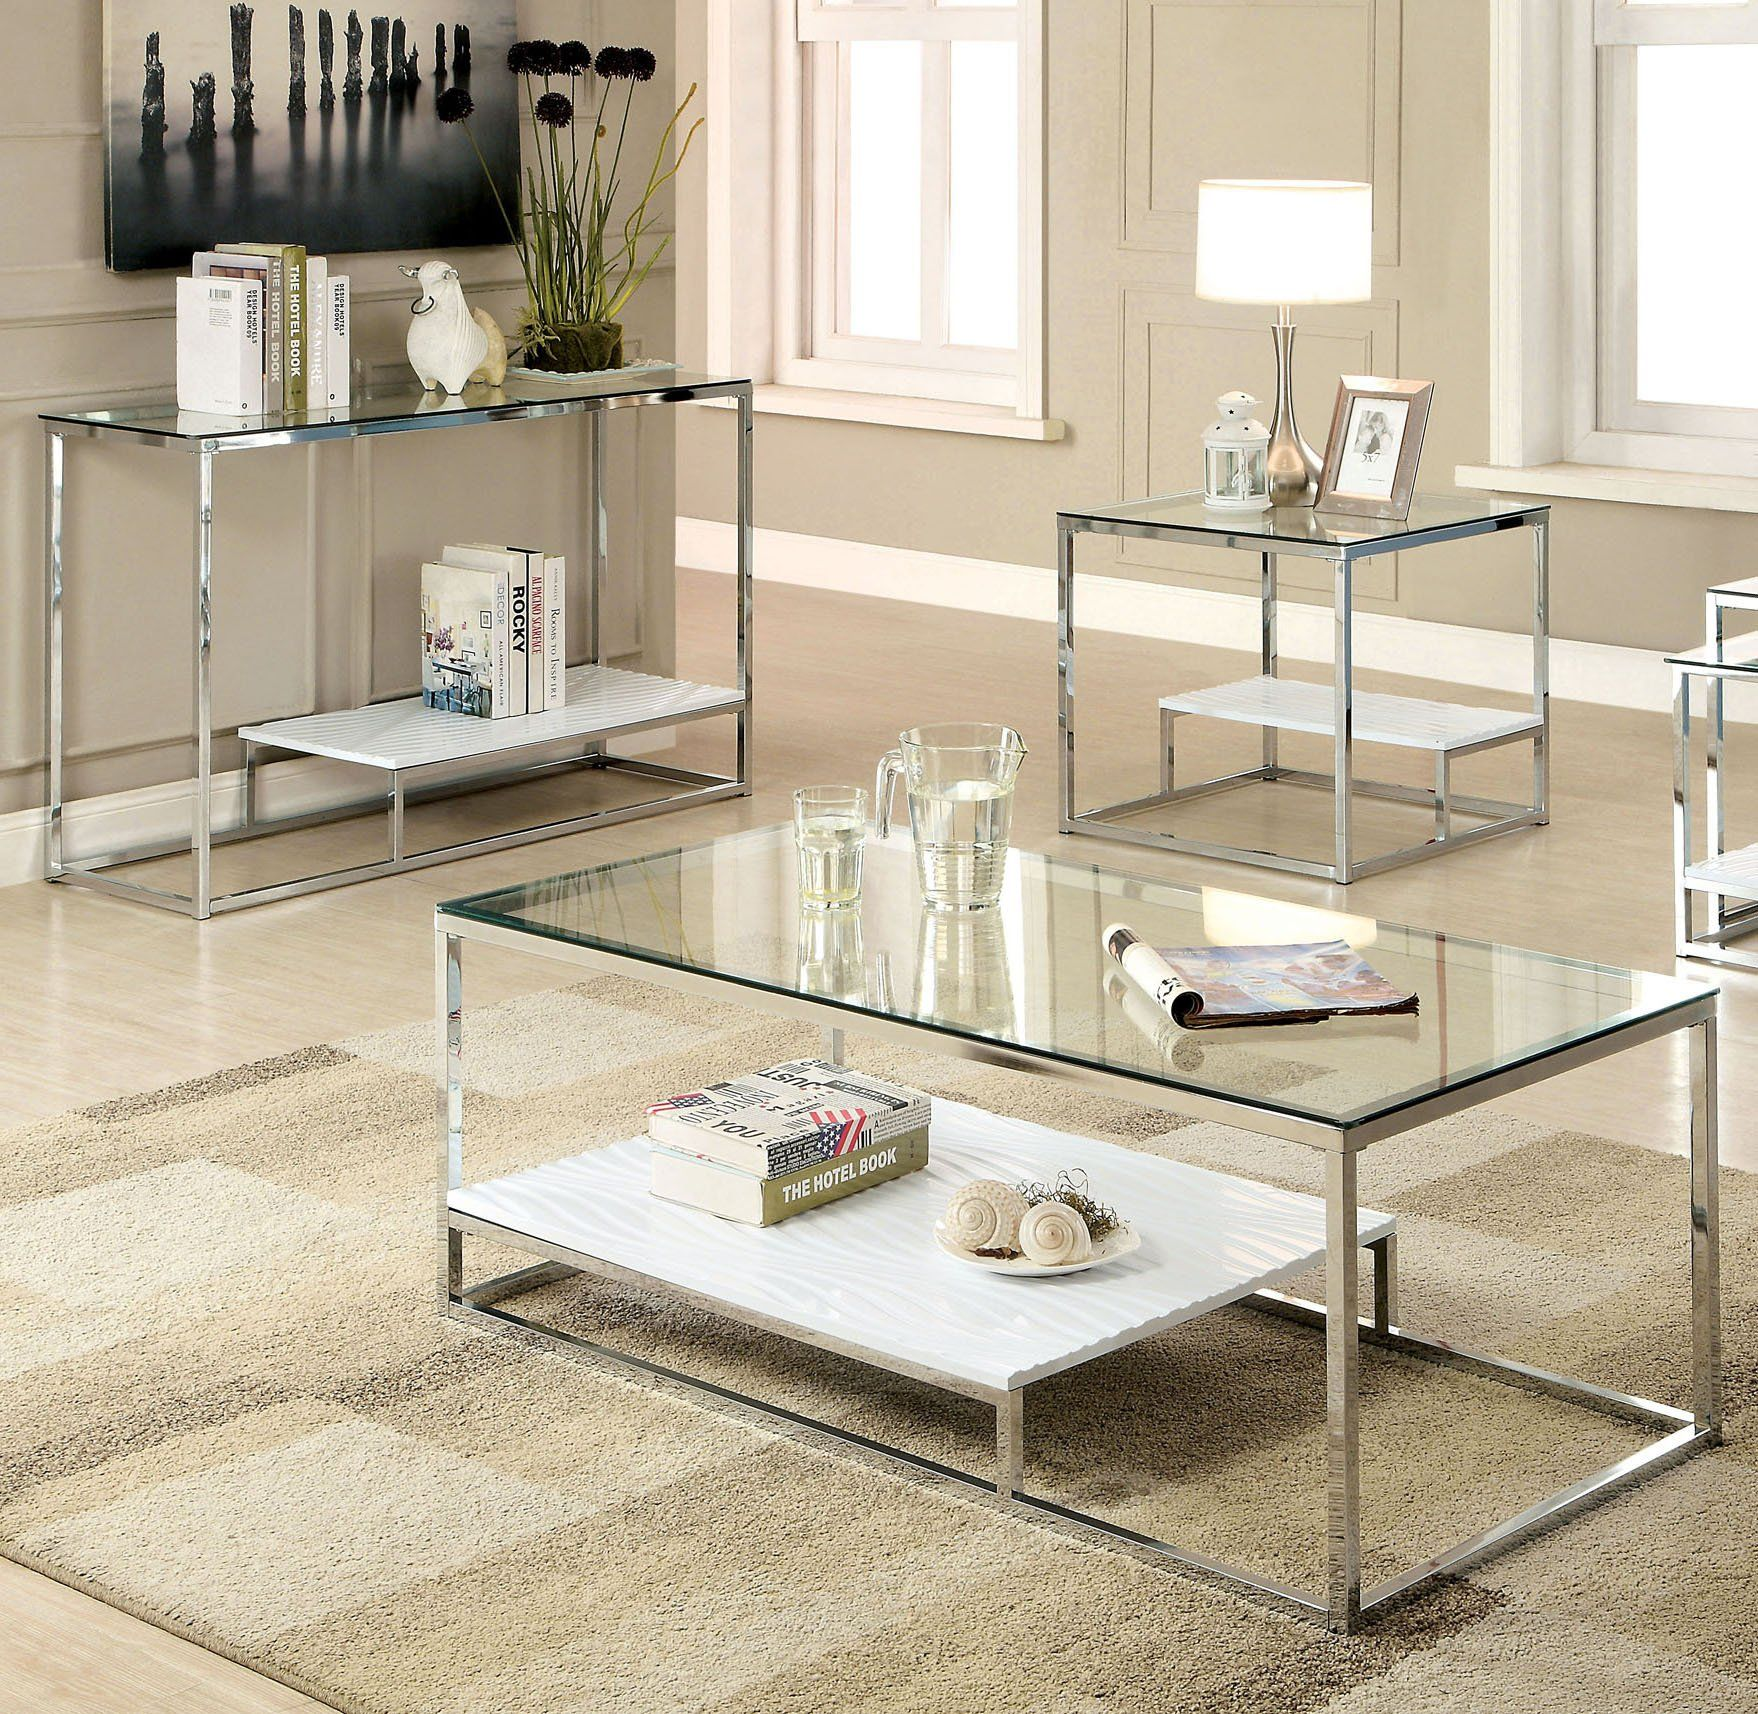 Furniture Of America Vendi 3 Piece Contemporary White Coffee Table